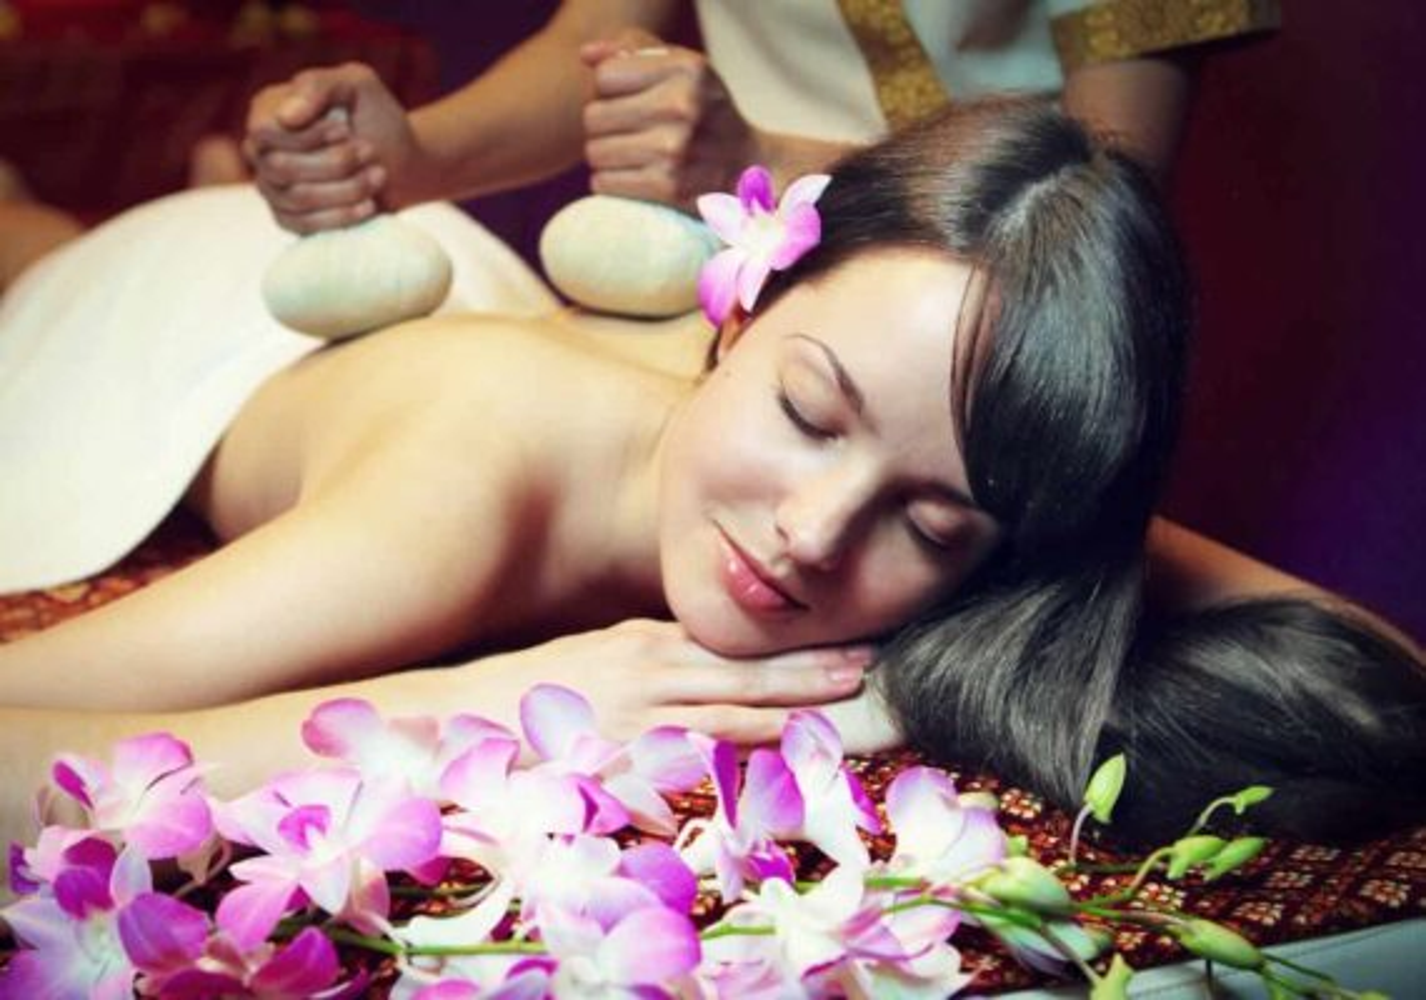 Развлечения в Таиланде - массаж